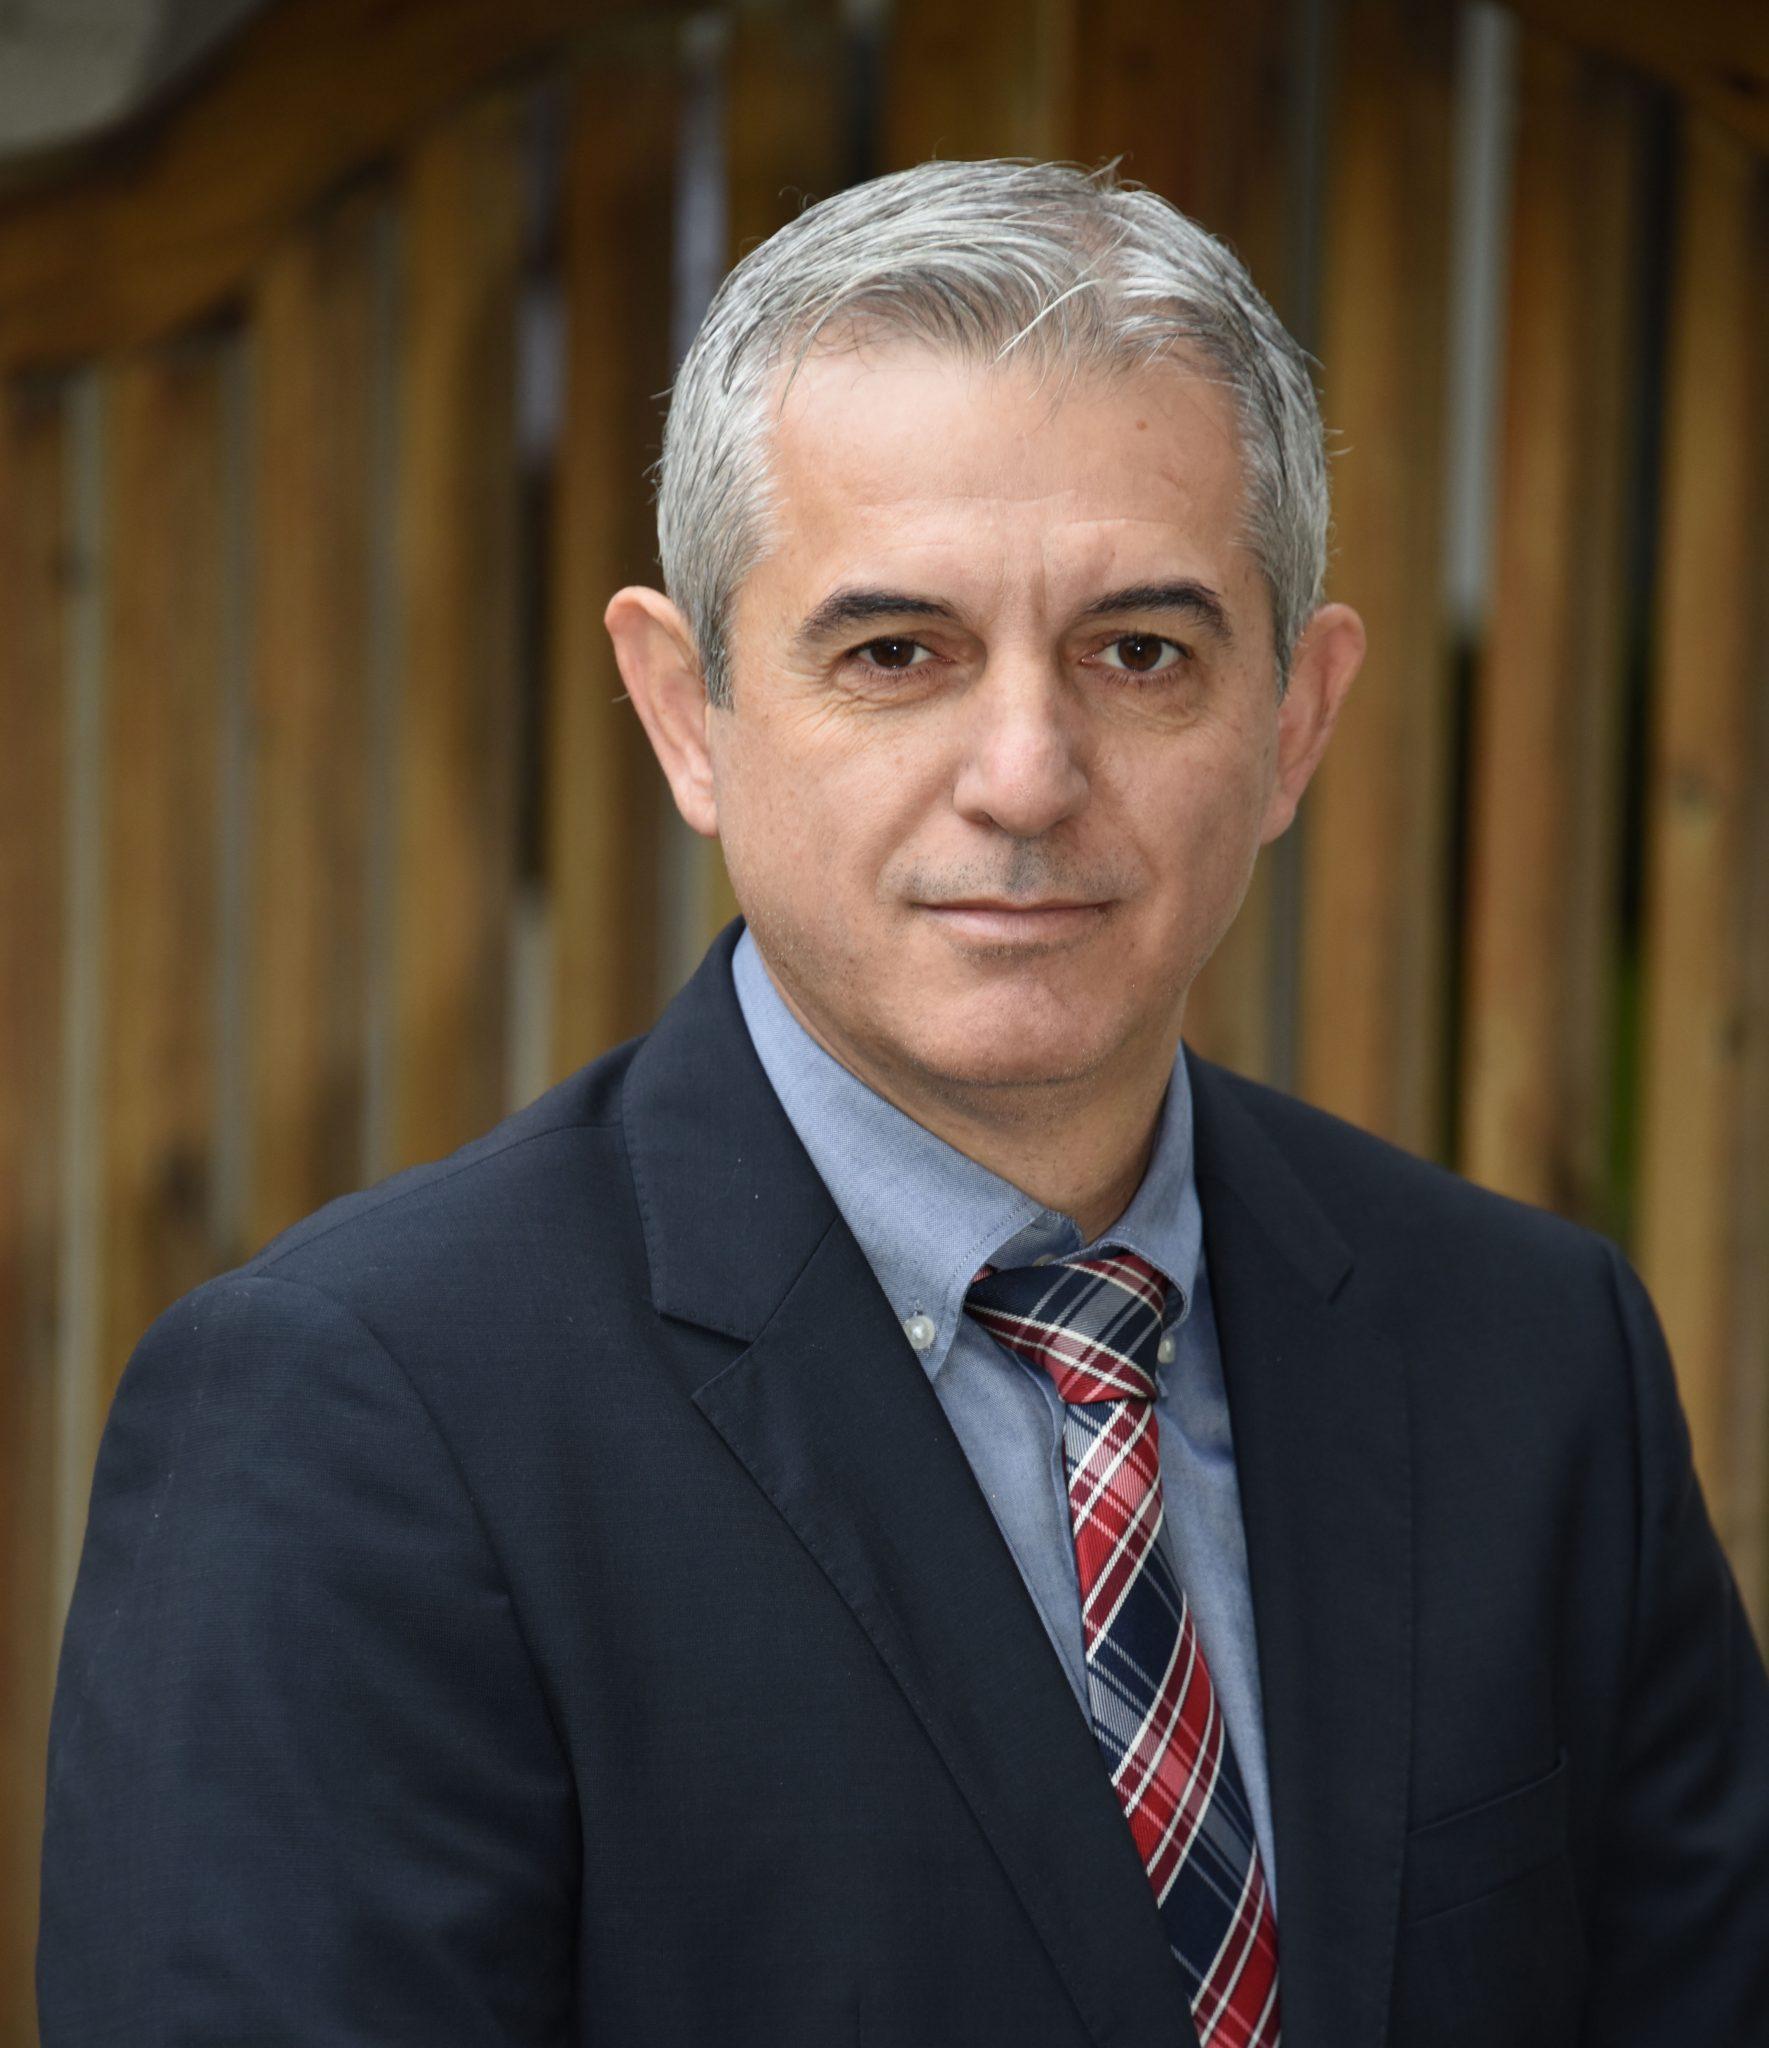 Πέτρος Κιάφας : 'Οραμα για το μέλλον του Δήμου Δίου-Ολύμπου